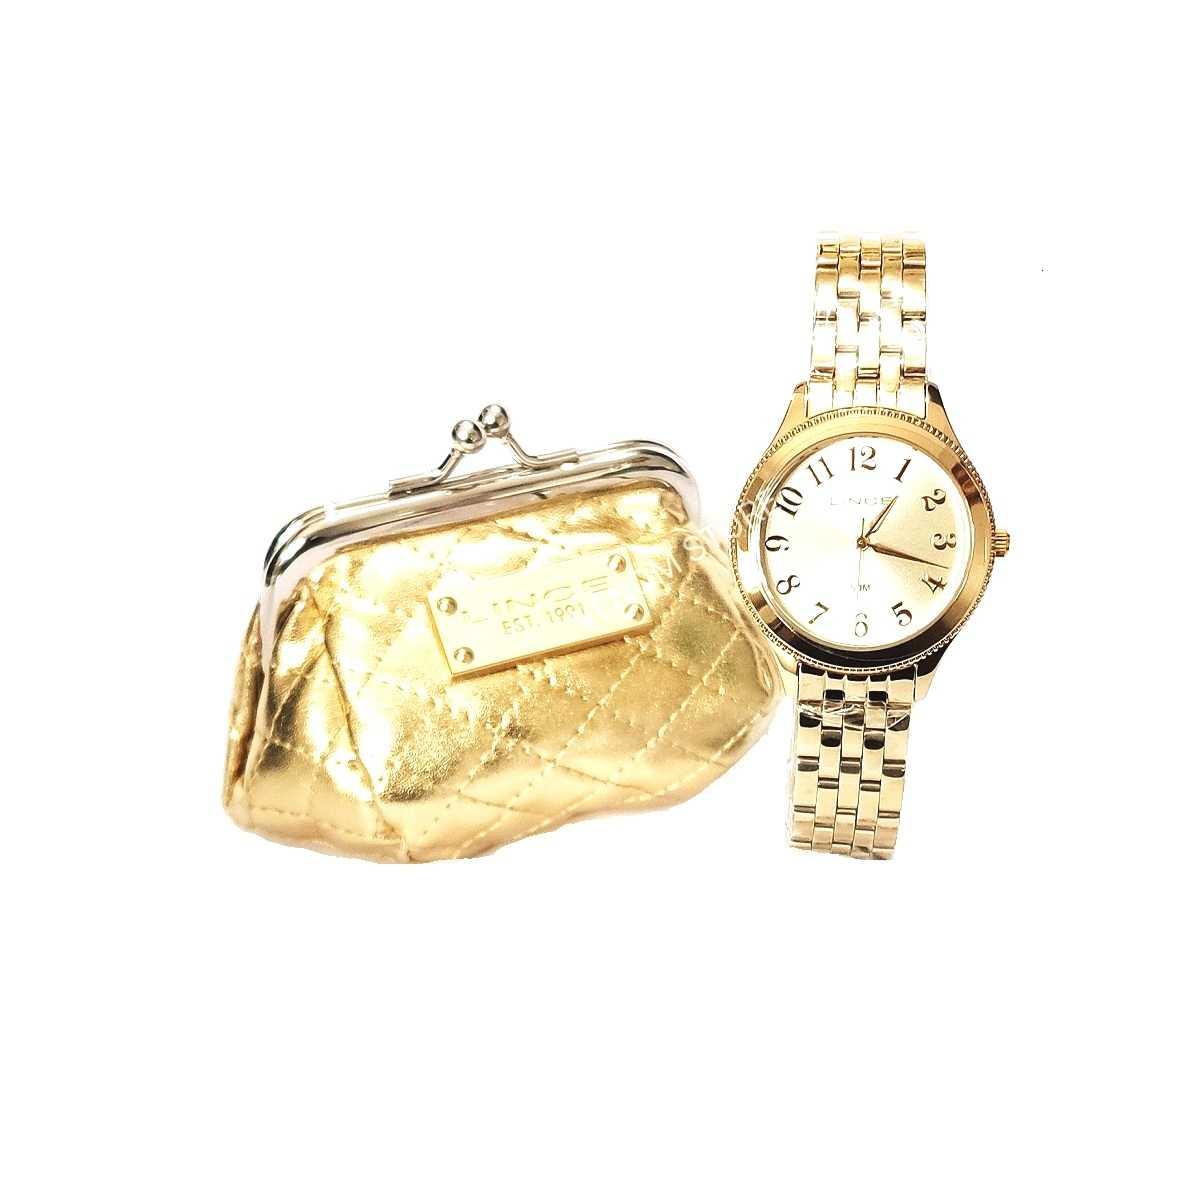 Relógio Feminino Lince Dourado + Bolsa Porta-níquel LRG4369L K181